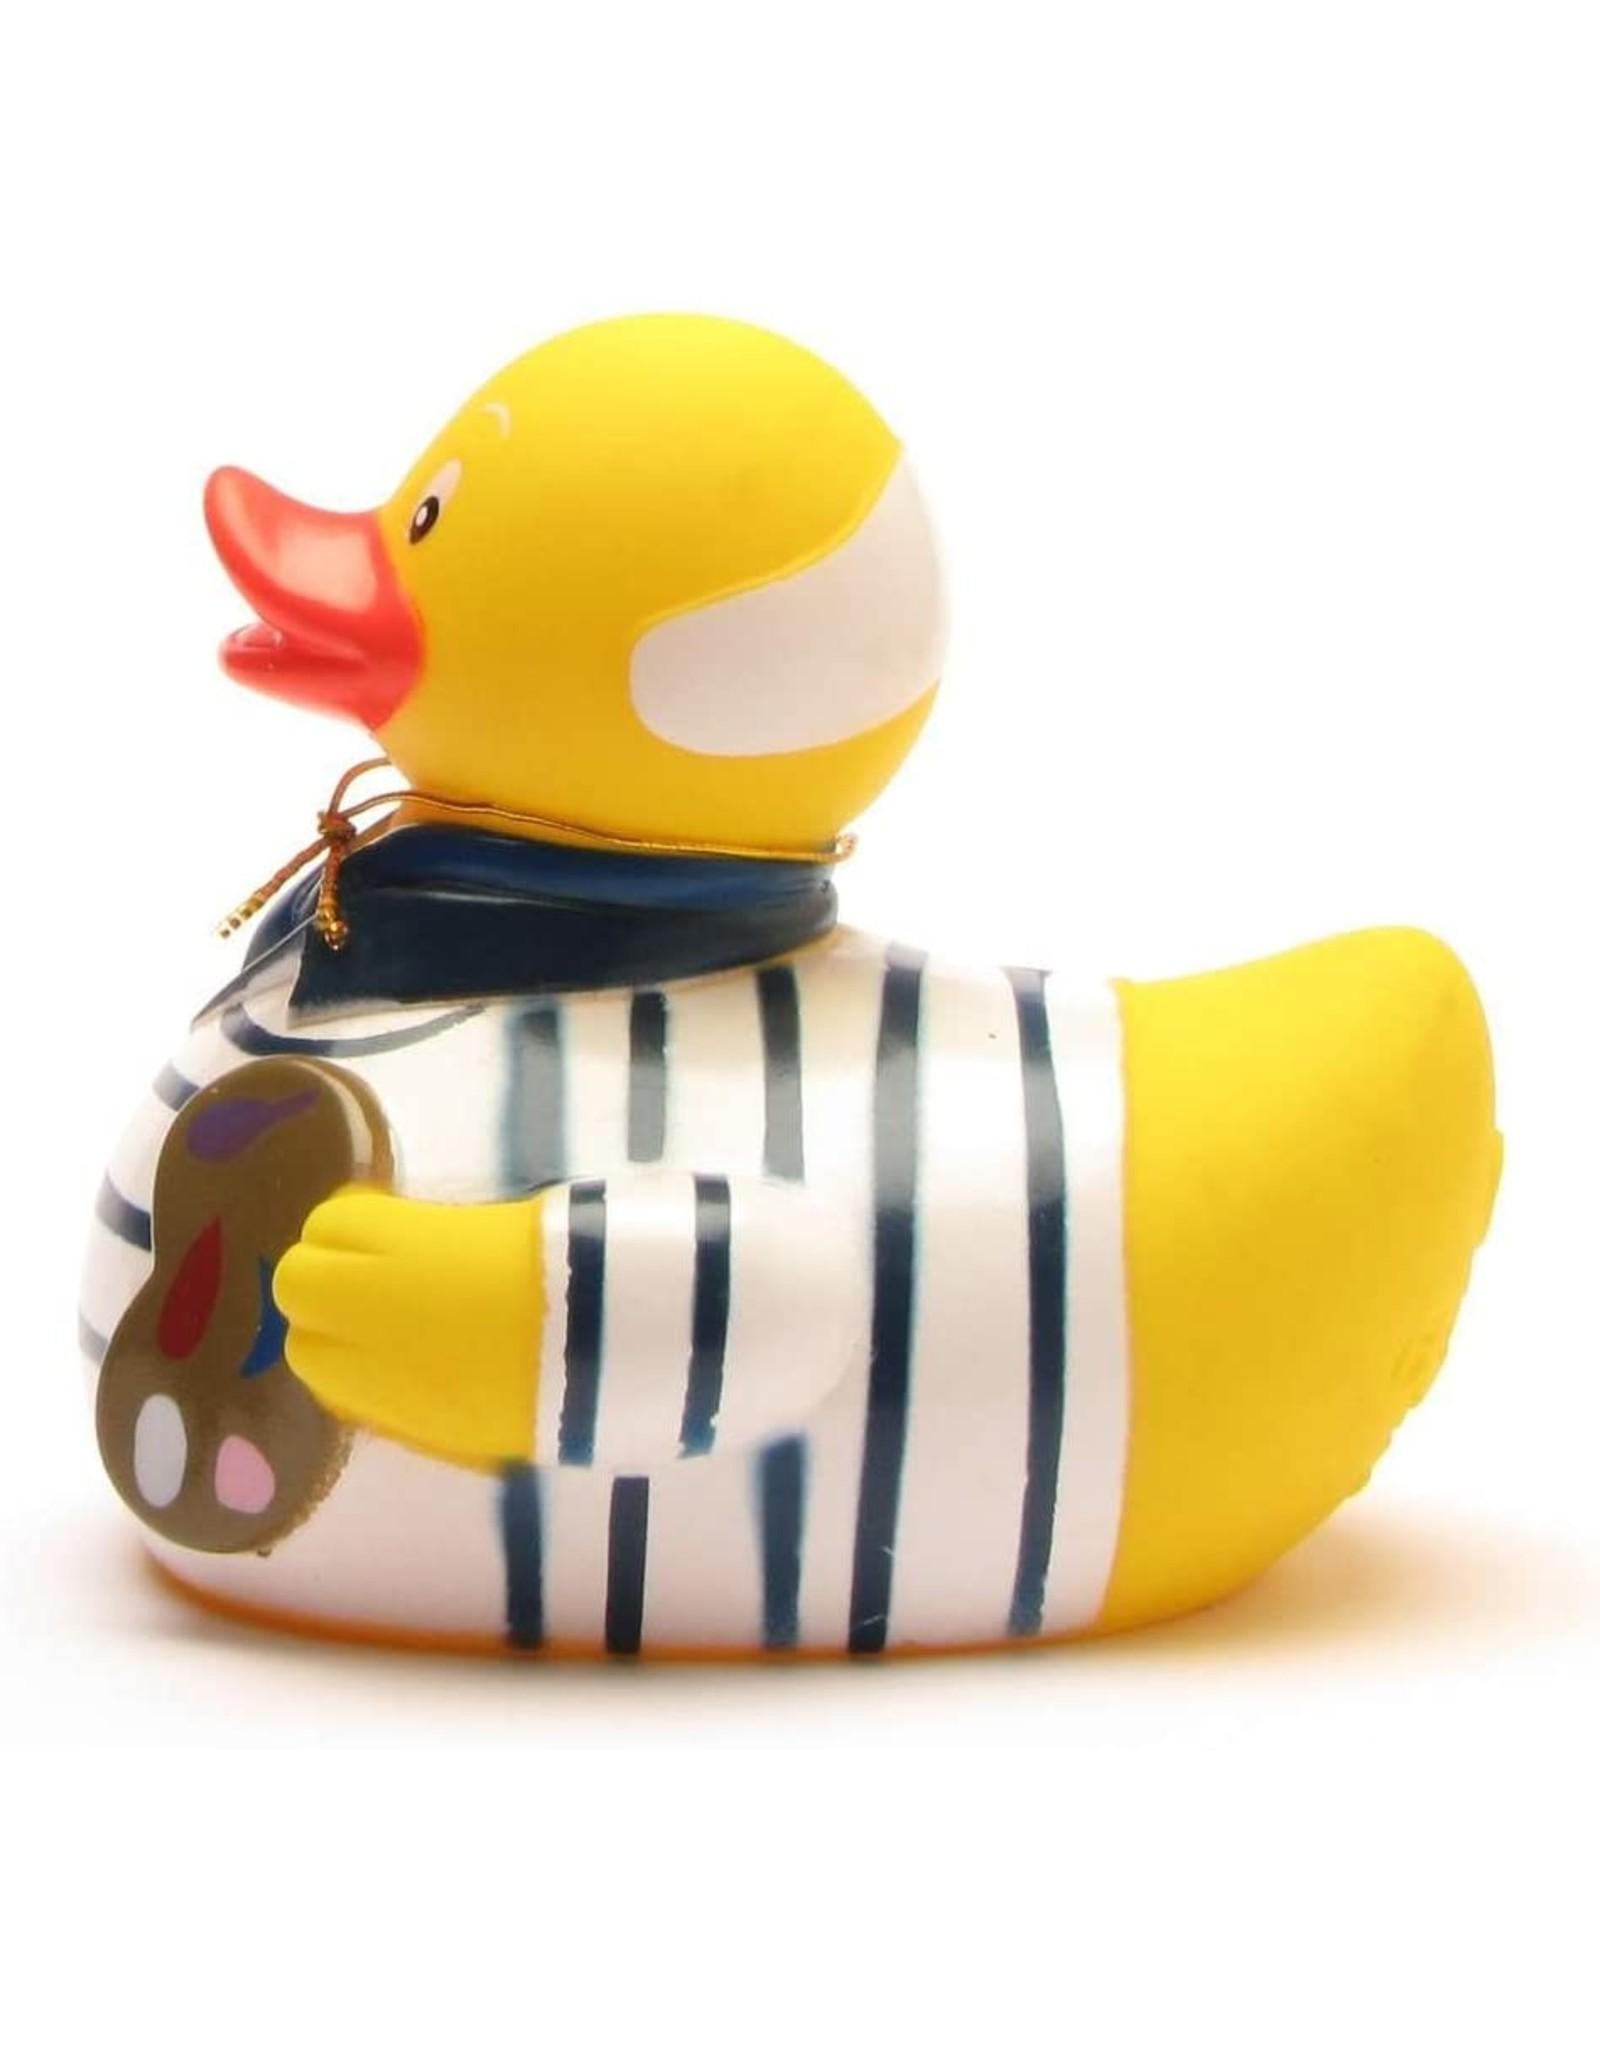 PicQuacko Rubber Duck